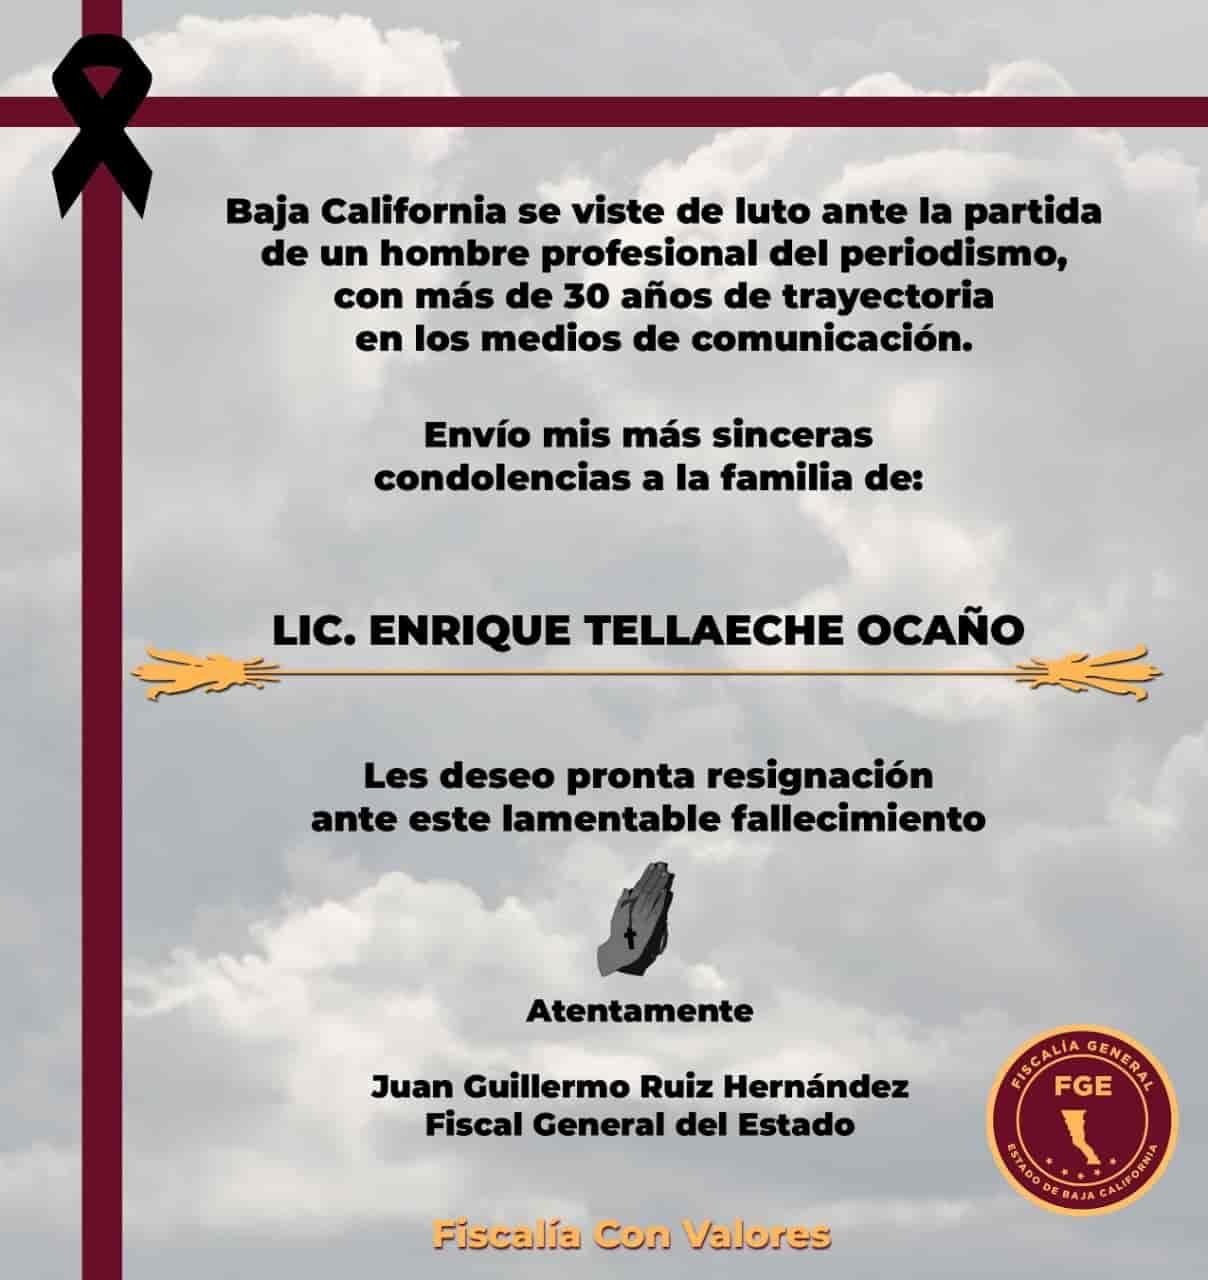 Lic. Enrique Tellaecha Ocaño